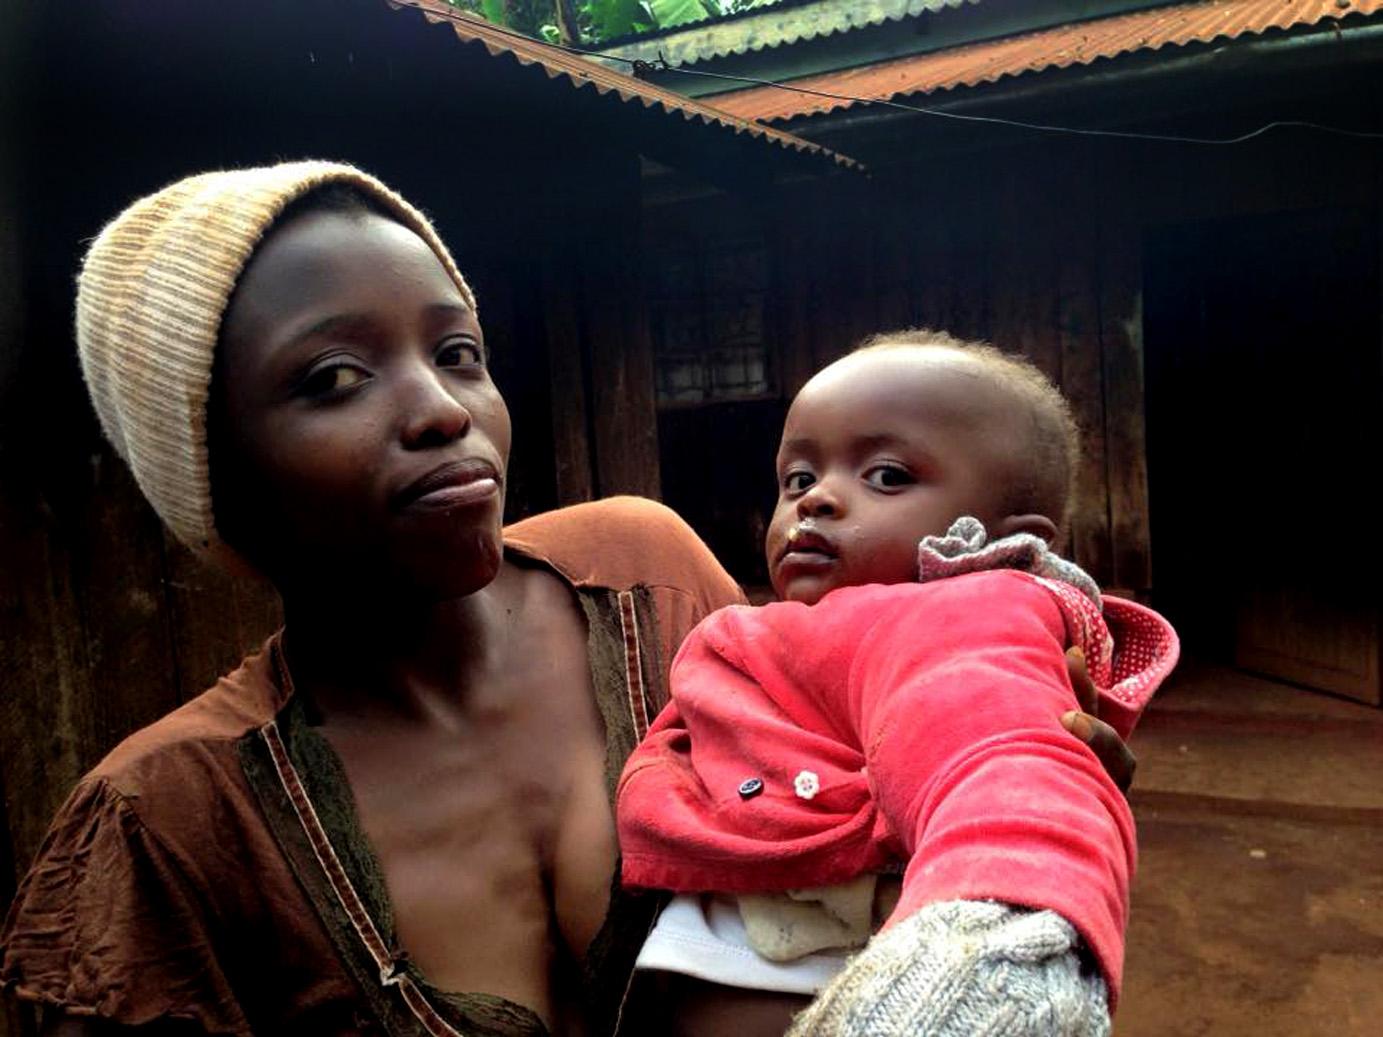 ケニアのエイズ患者と孤児を支援しているNGO団体Tumaini Nyumbani(トゥマイニ・ニュンバーニ)